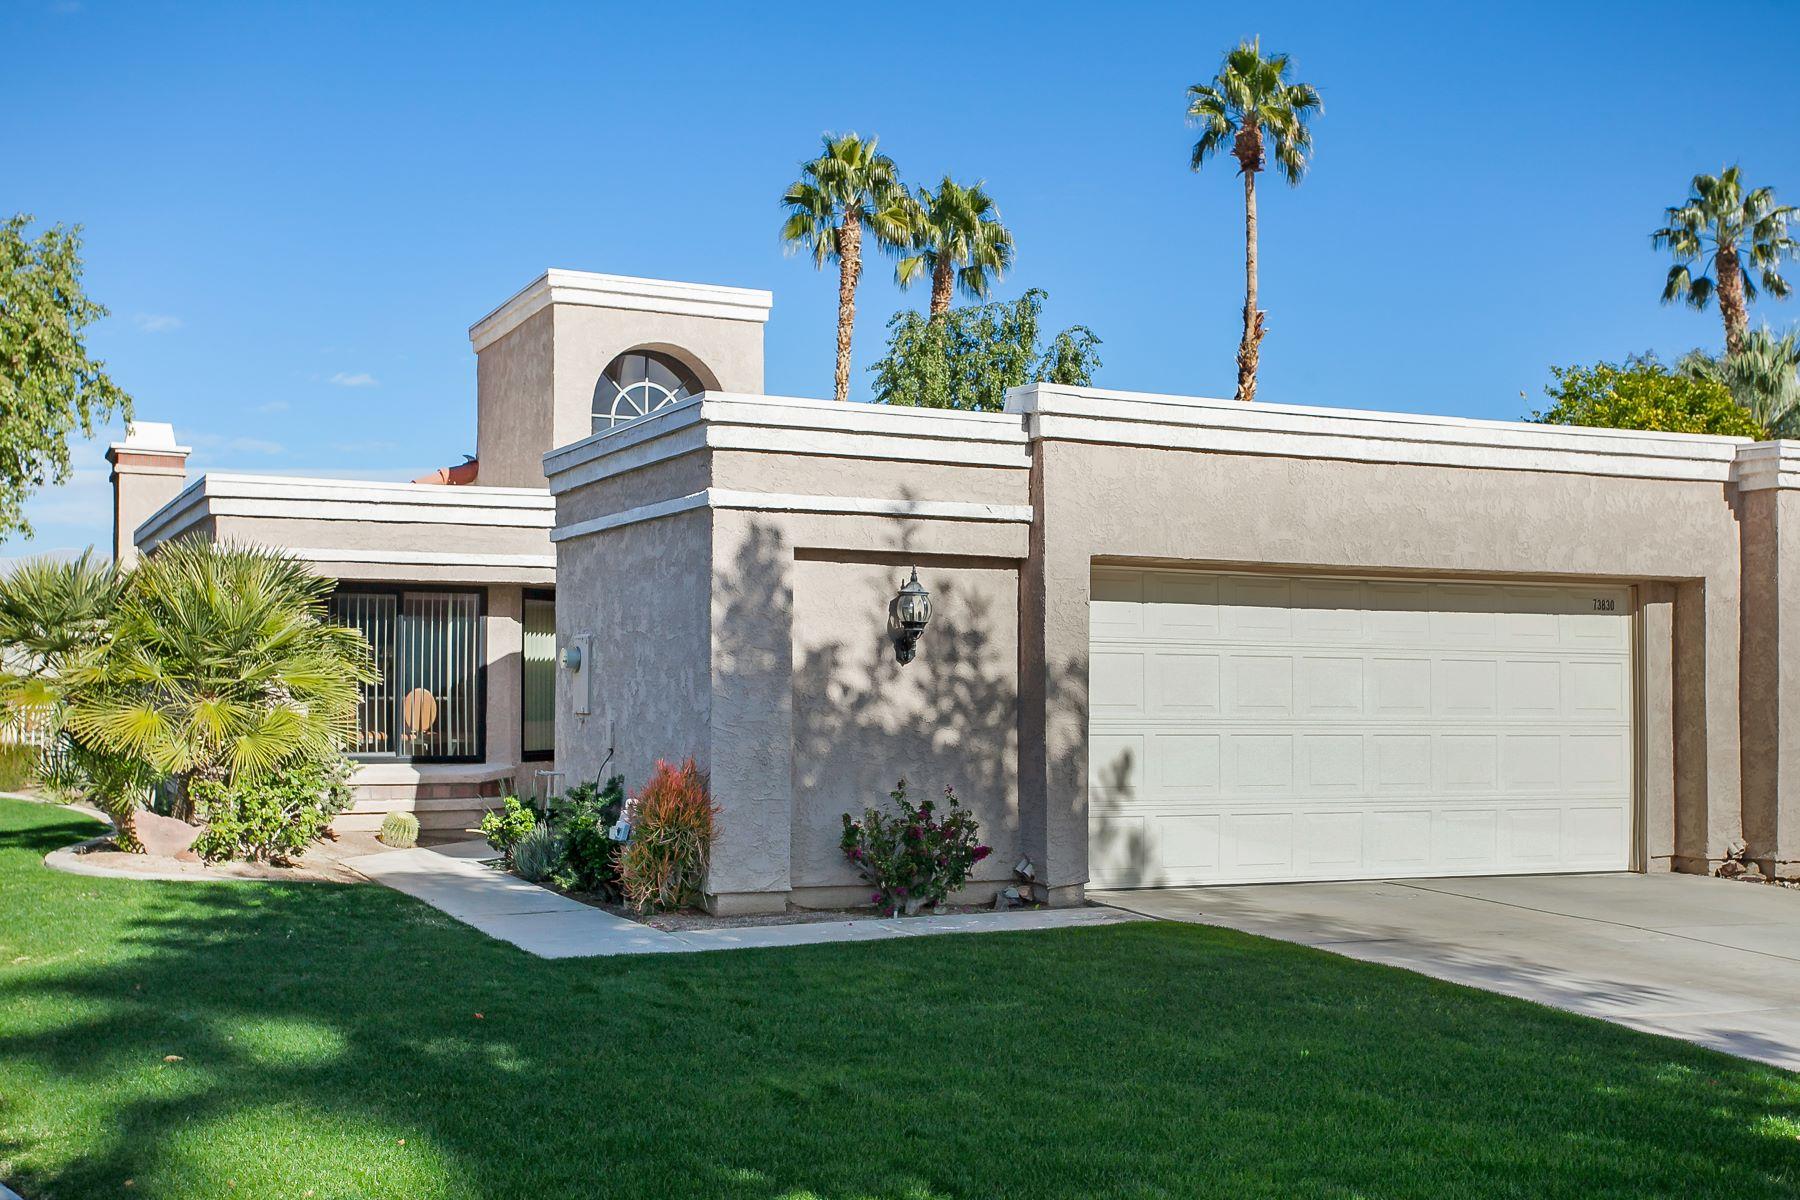 Частный односемейный дом для того Продажа на 73830 Calle Bisque Palm Desert, Калифорния, 92260 Соединенные Штаты